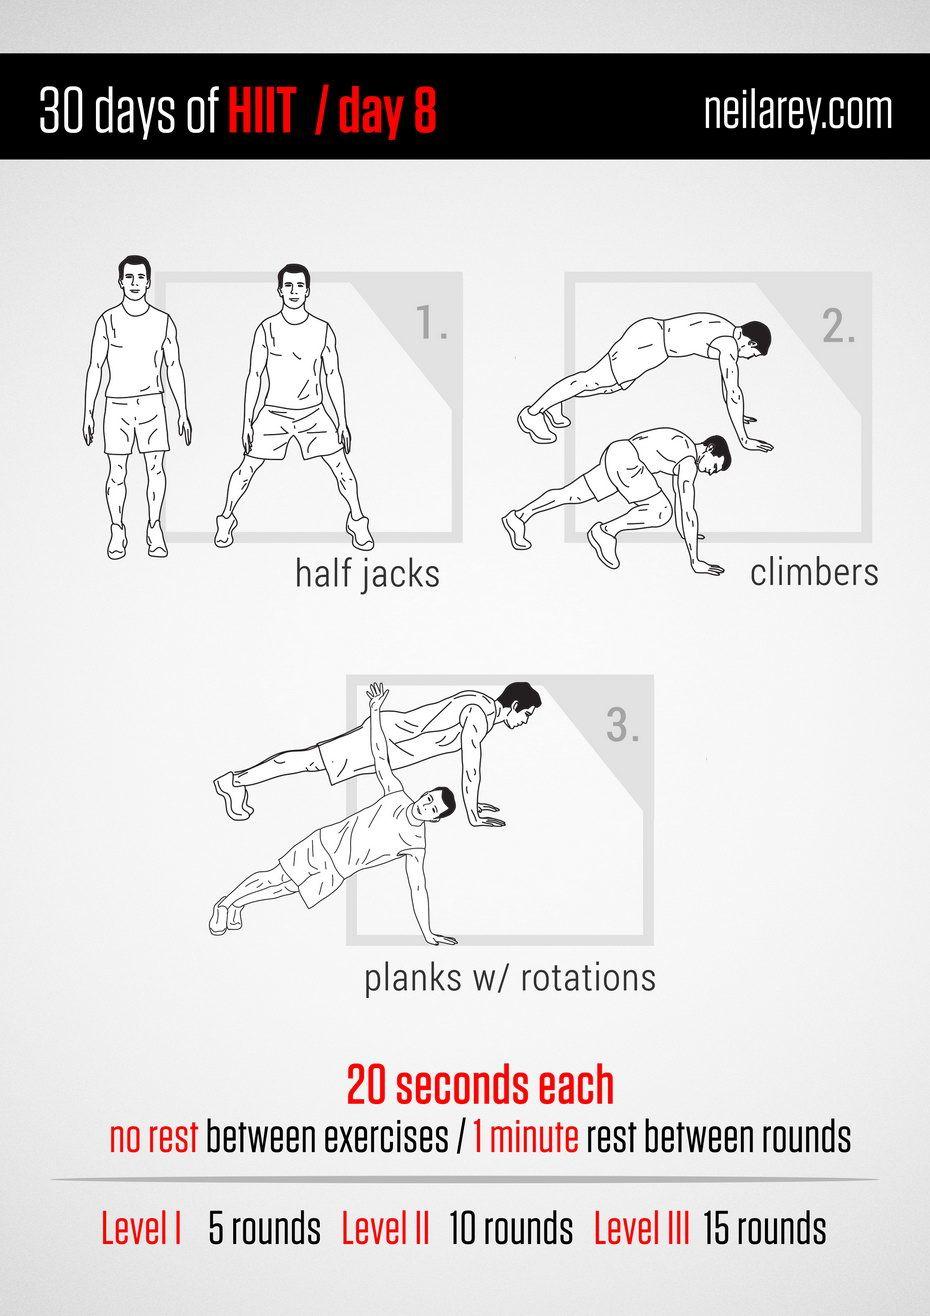 Plan de antrenament acasă timp de 10, 20 sau 30 de minute